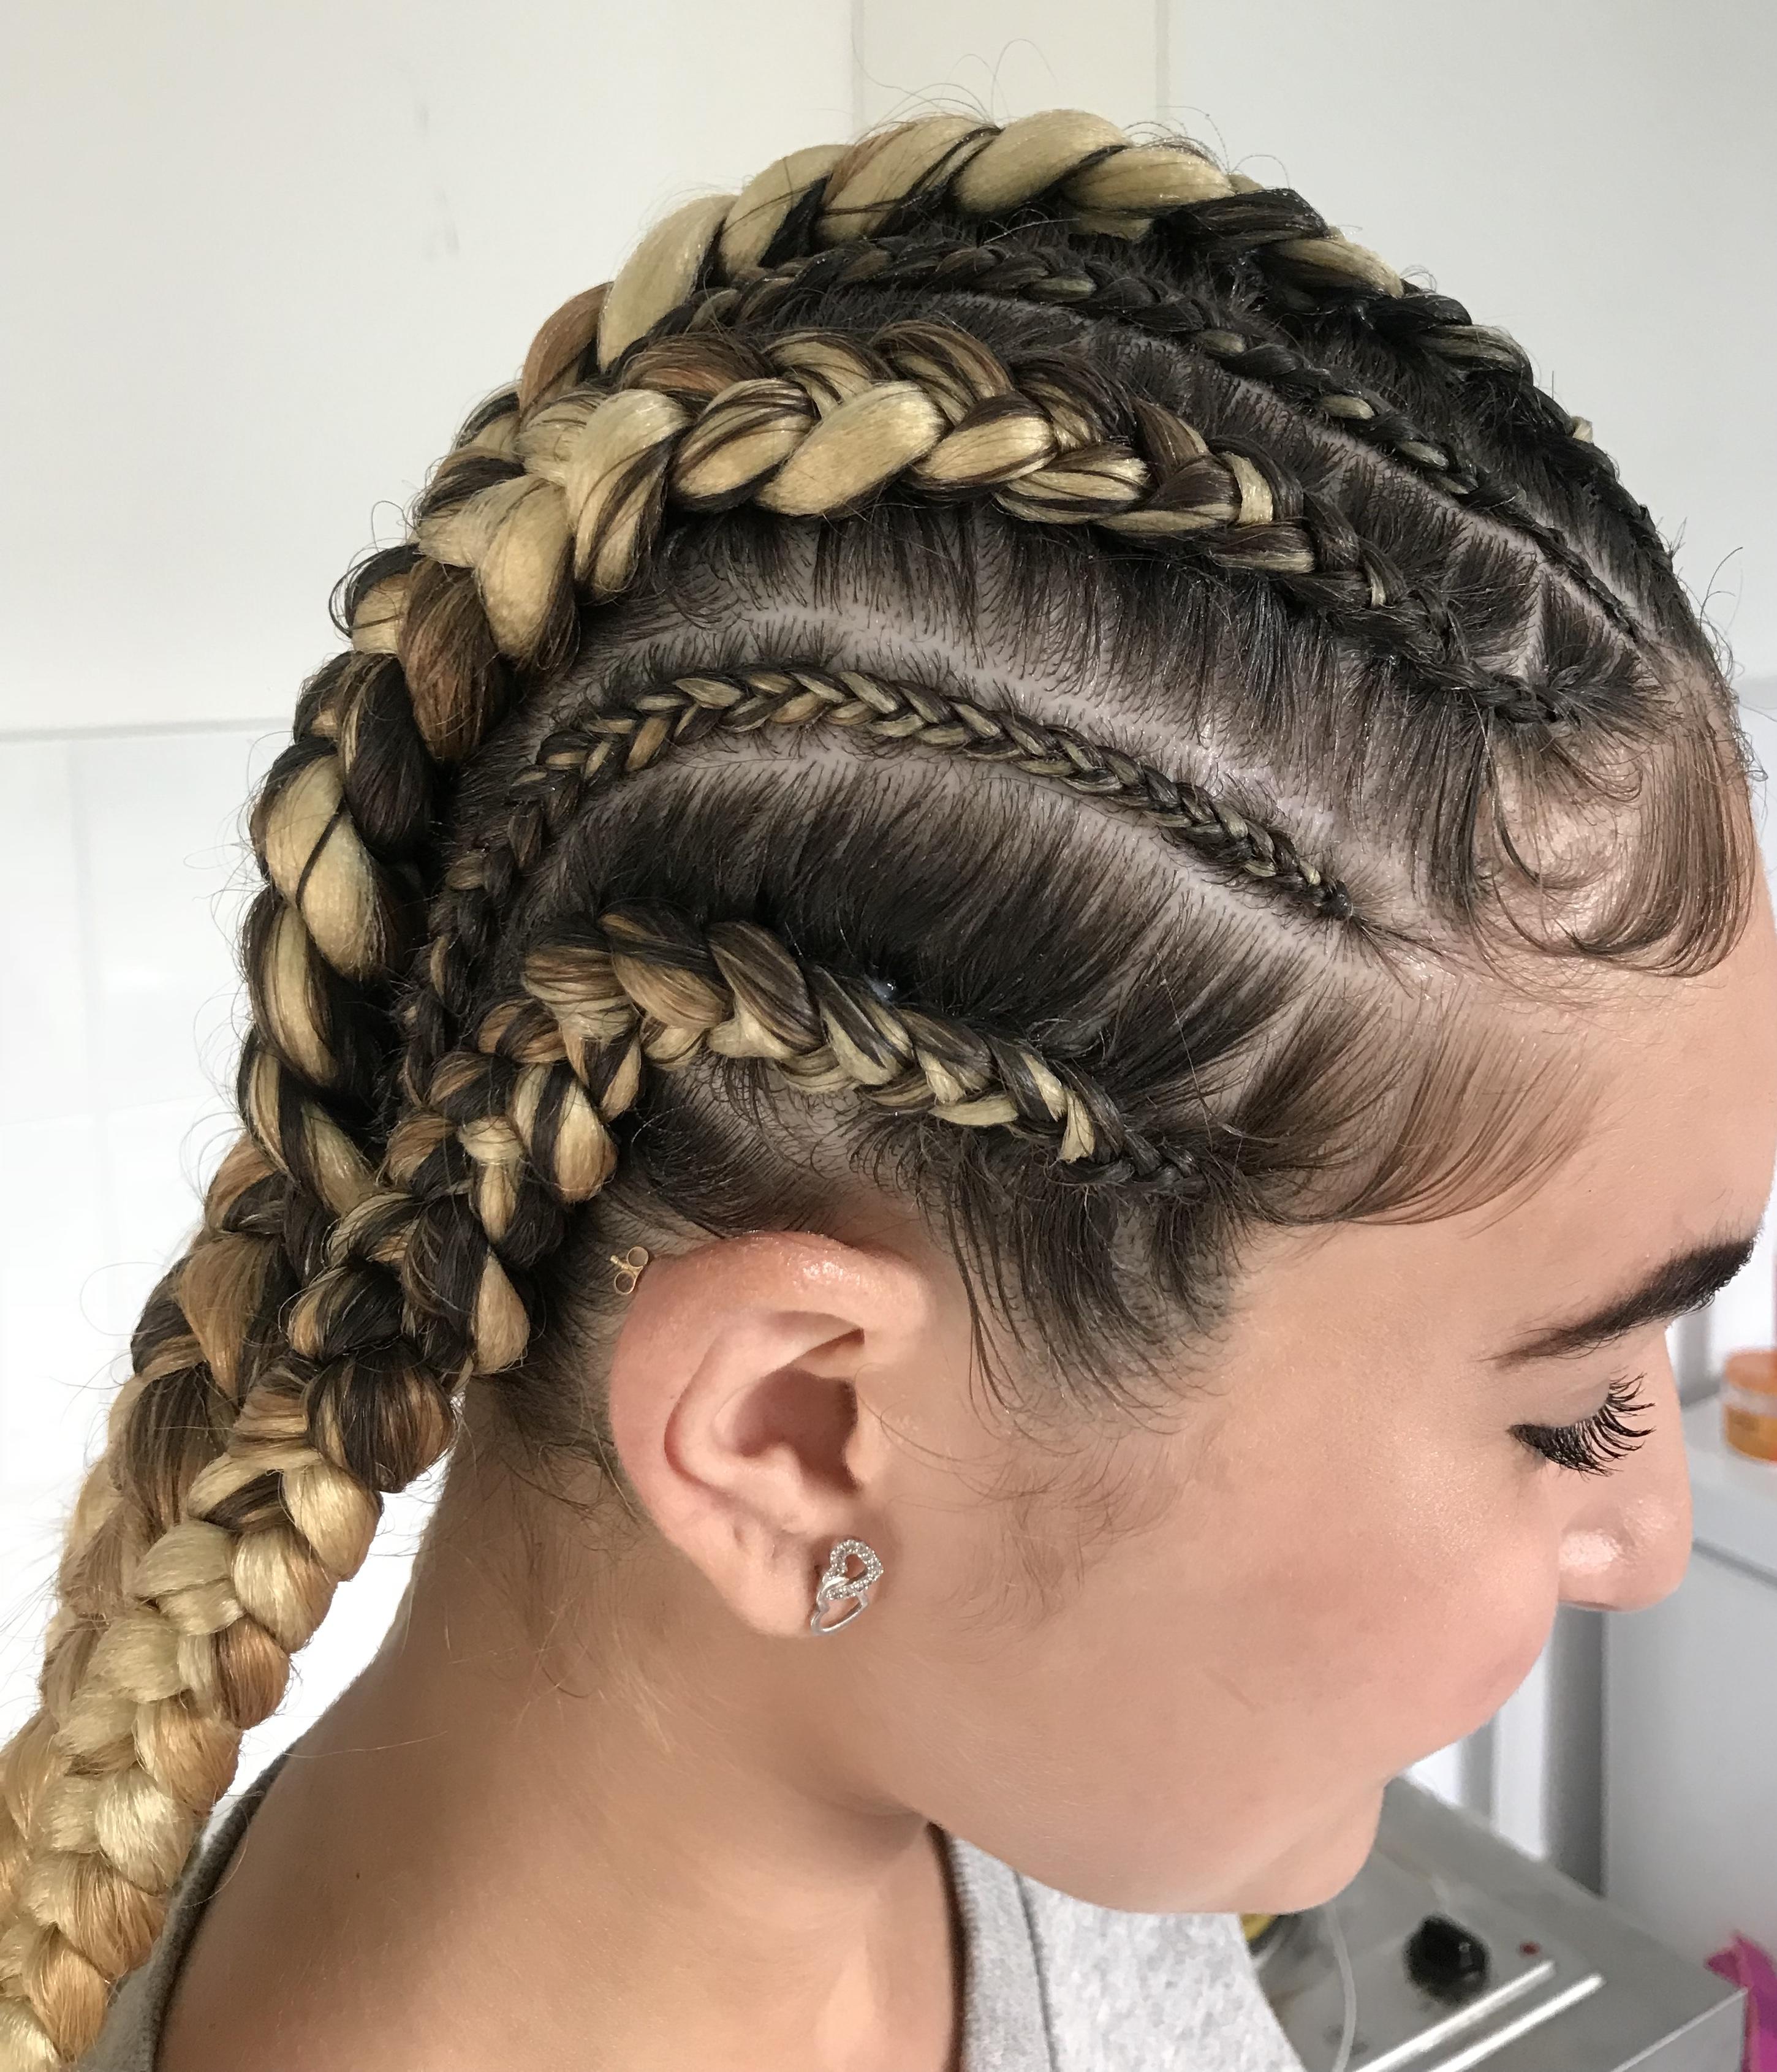 salon de coiffure afro tresse tresses box braids crochet braids vanilles tissages paris 75 77 78 91 92 93 94 95 PRUVJLWE